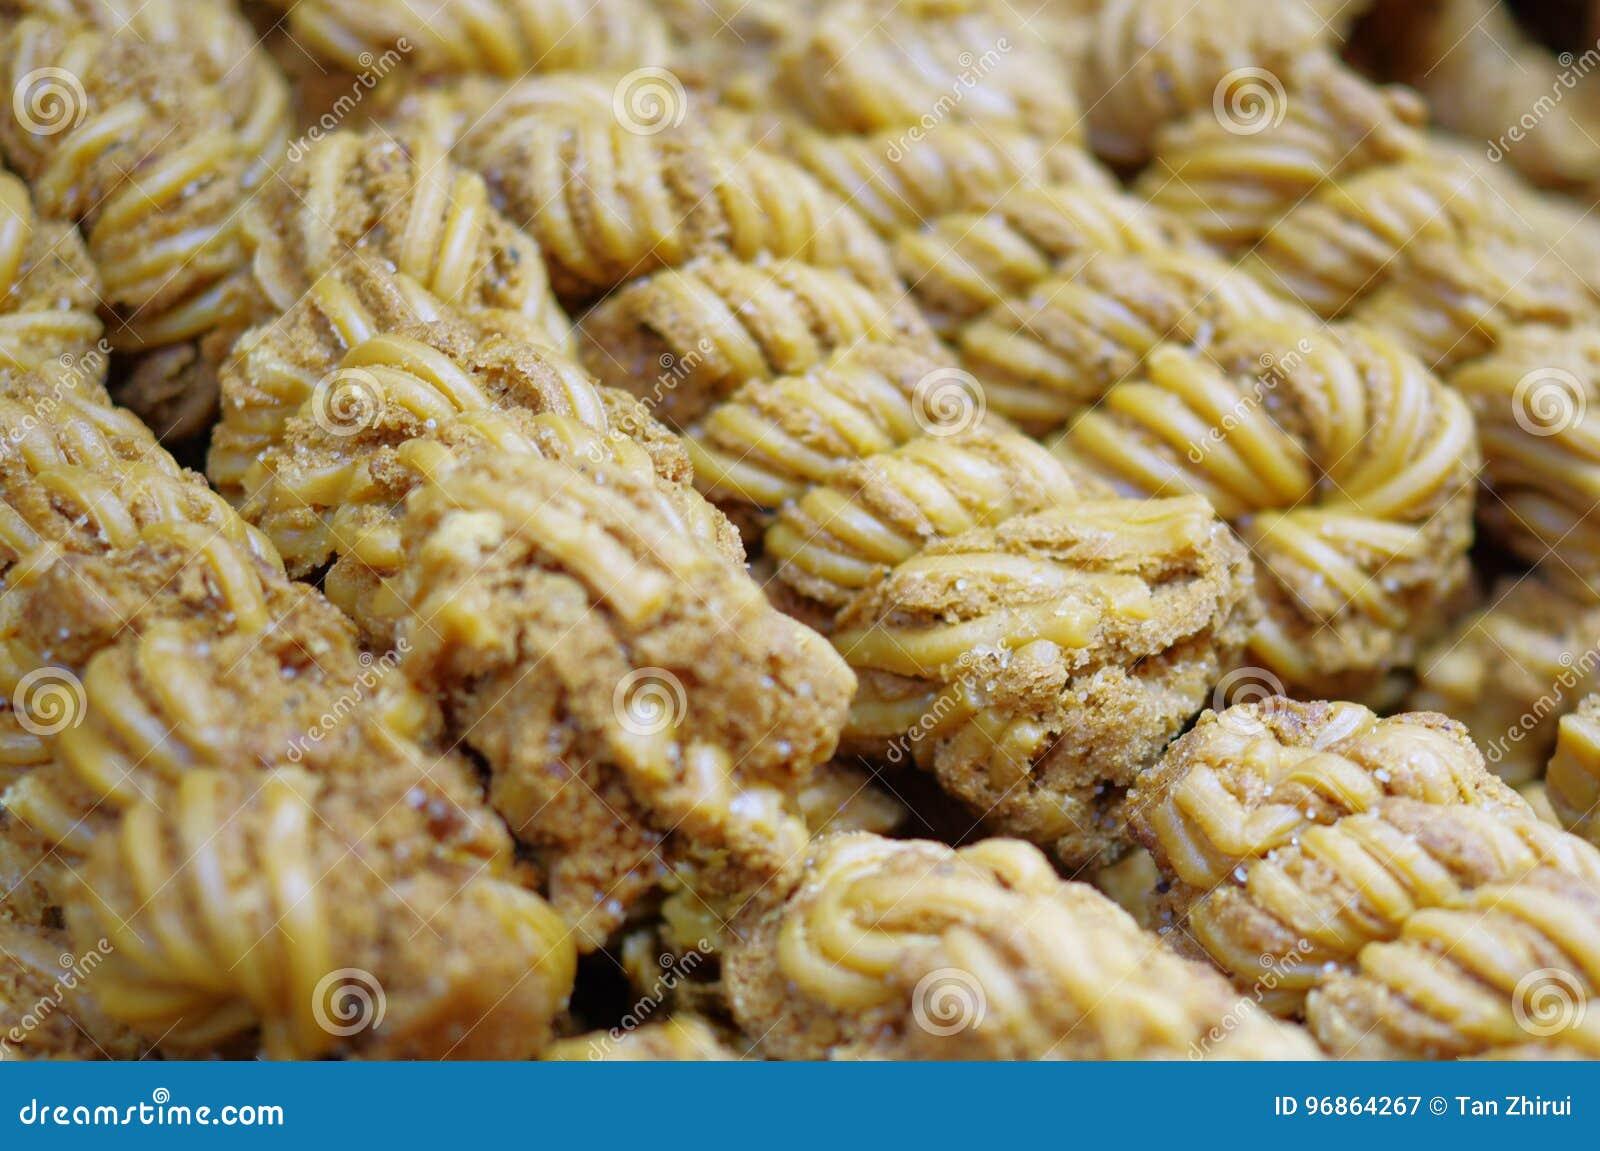 Tianjin twist stock image  Image of bread, flavor, cracker